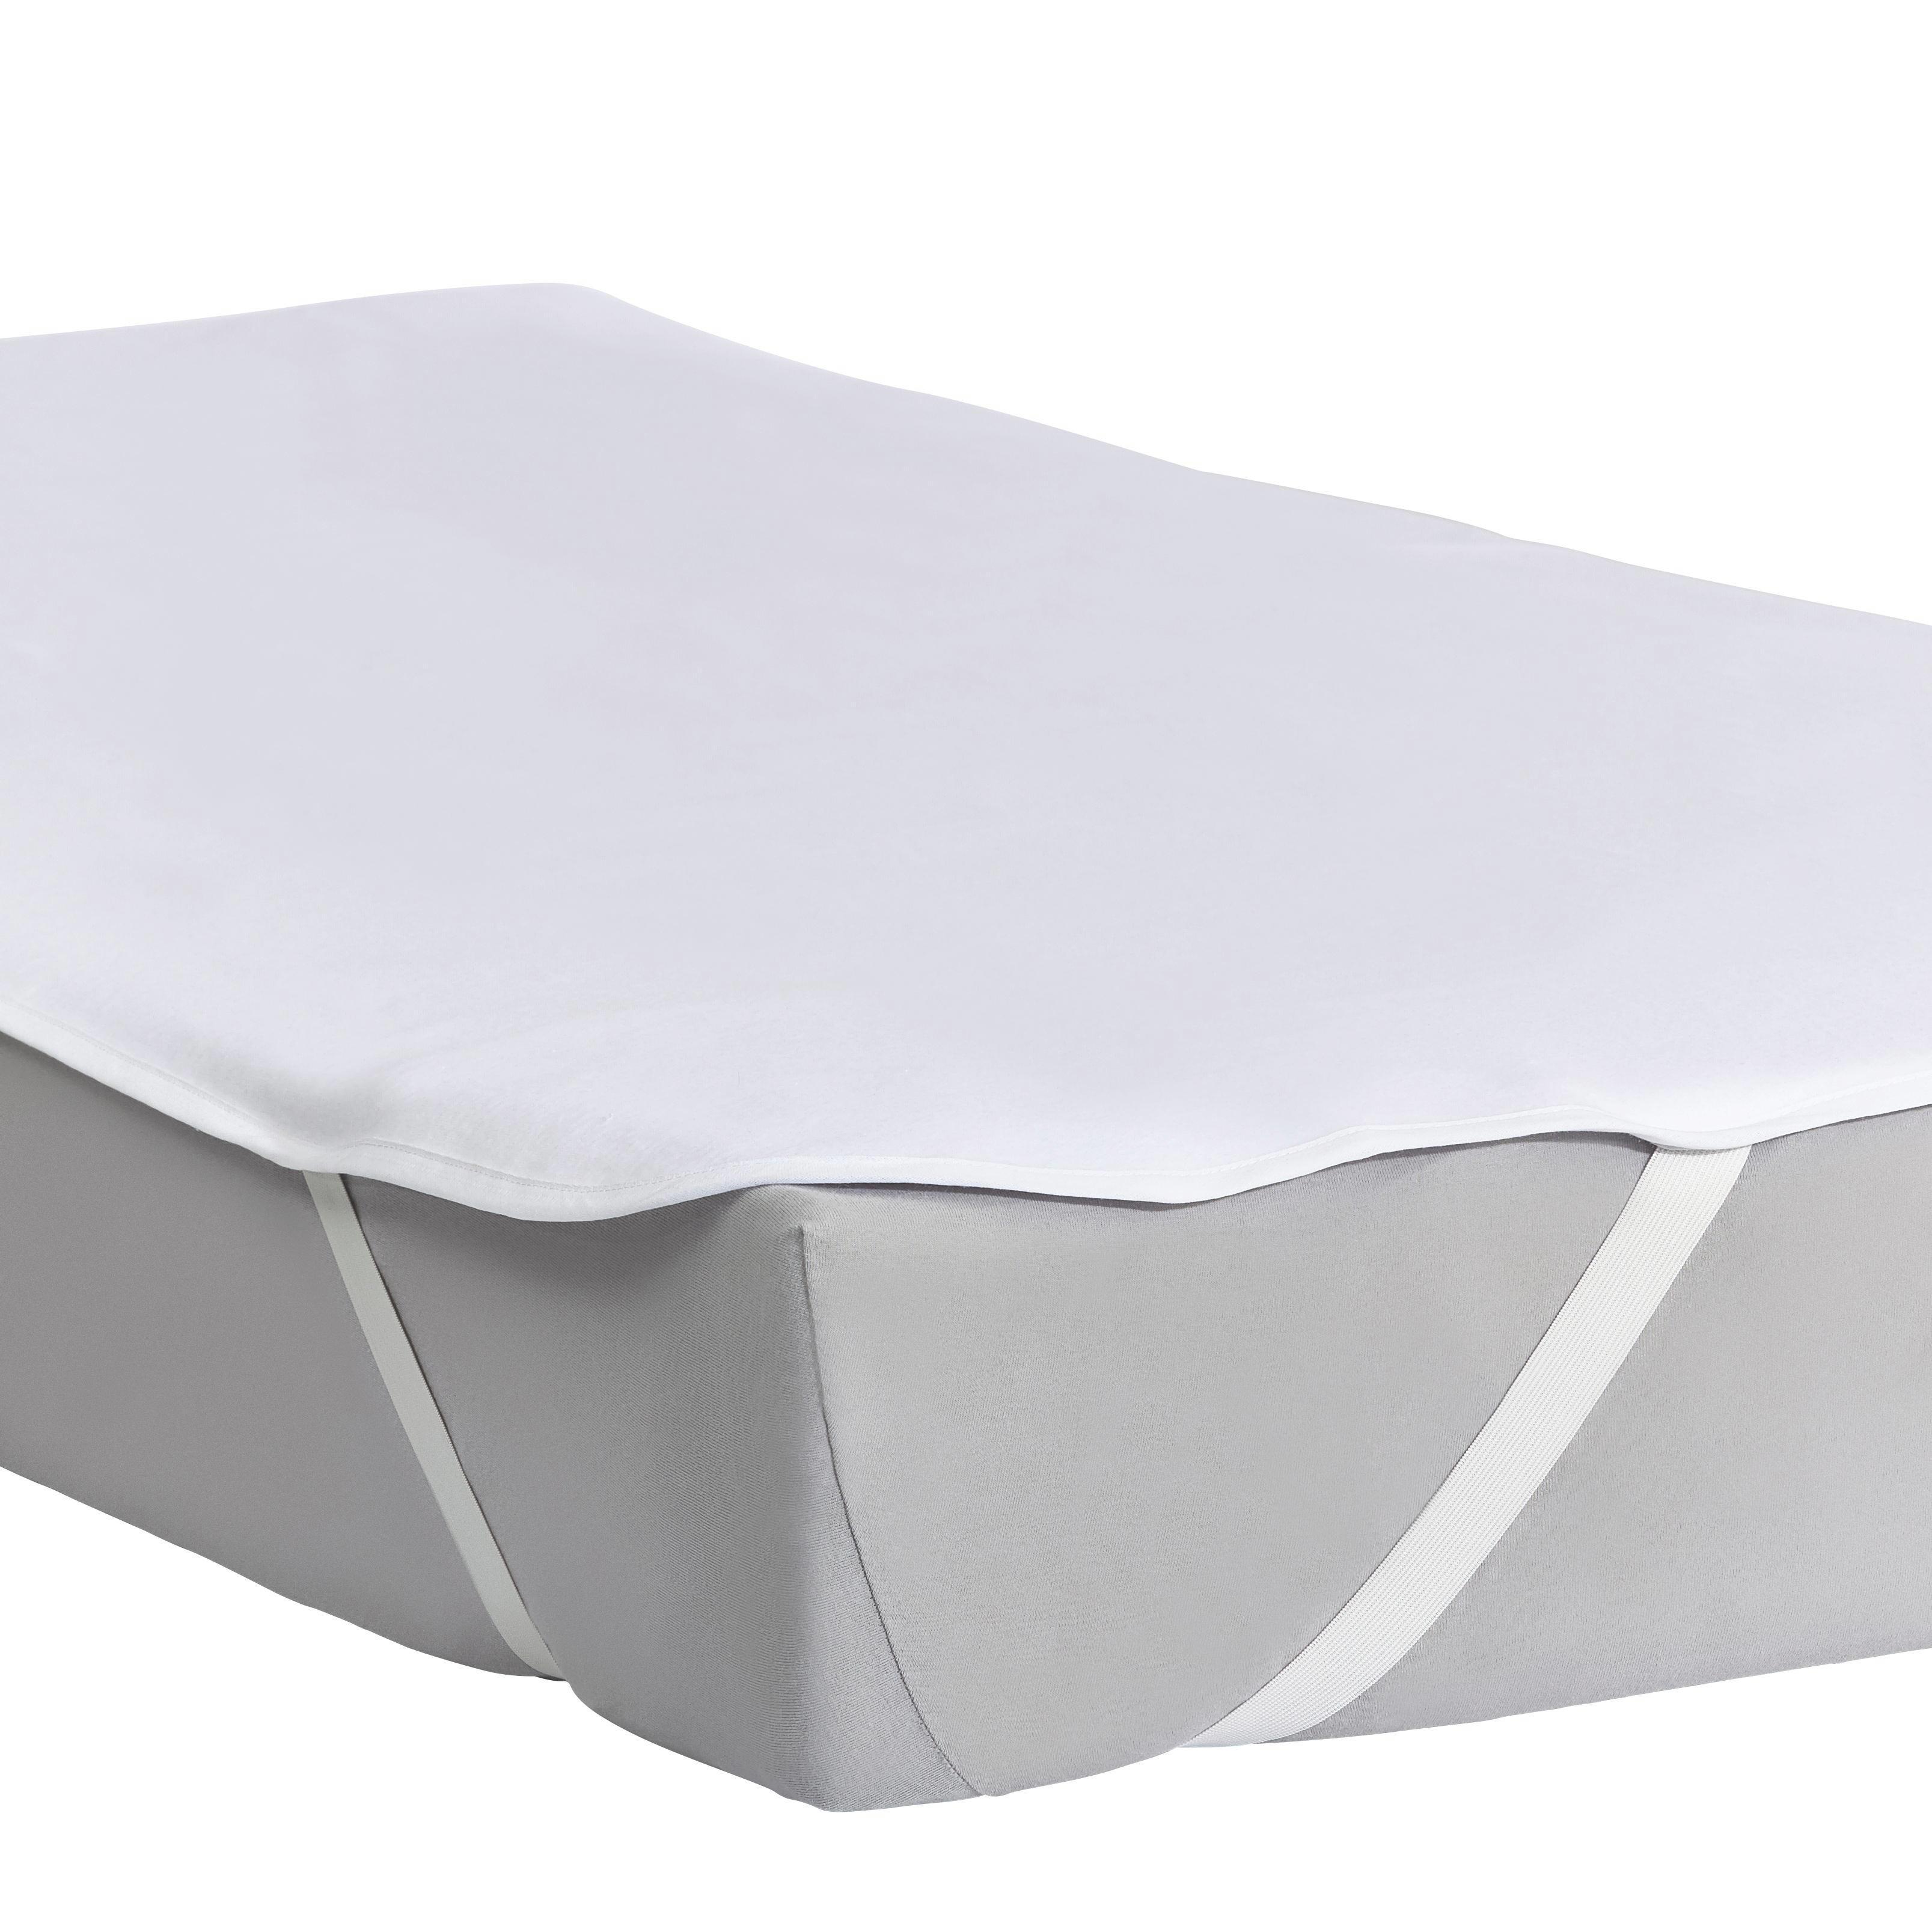 MATRATZENSCHONER  100/200 cm - Weiß, Textil (100/200cm) - SLEEPTEX